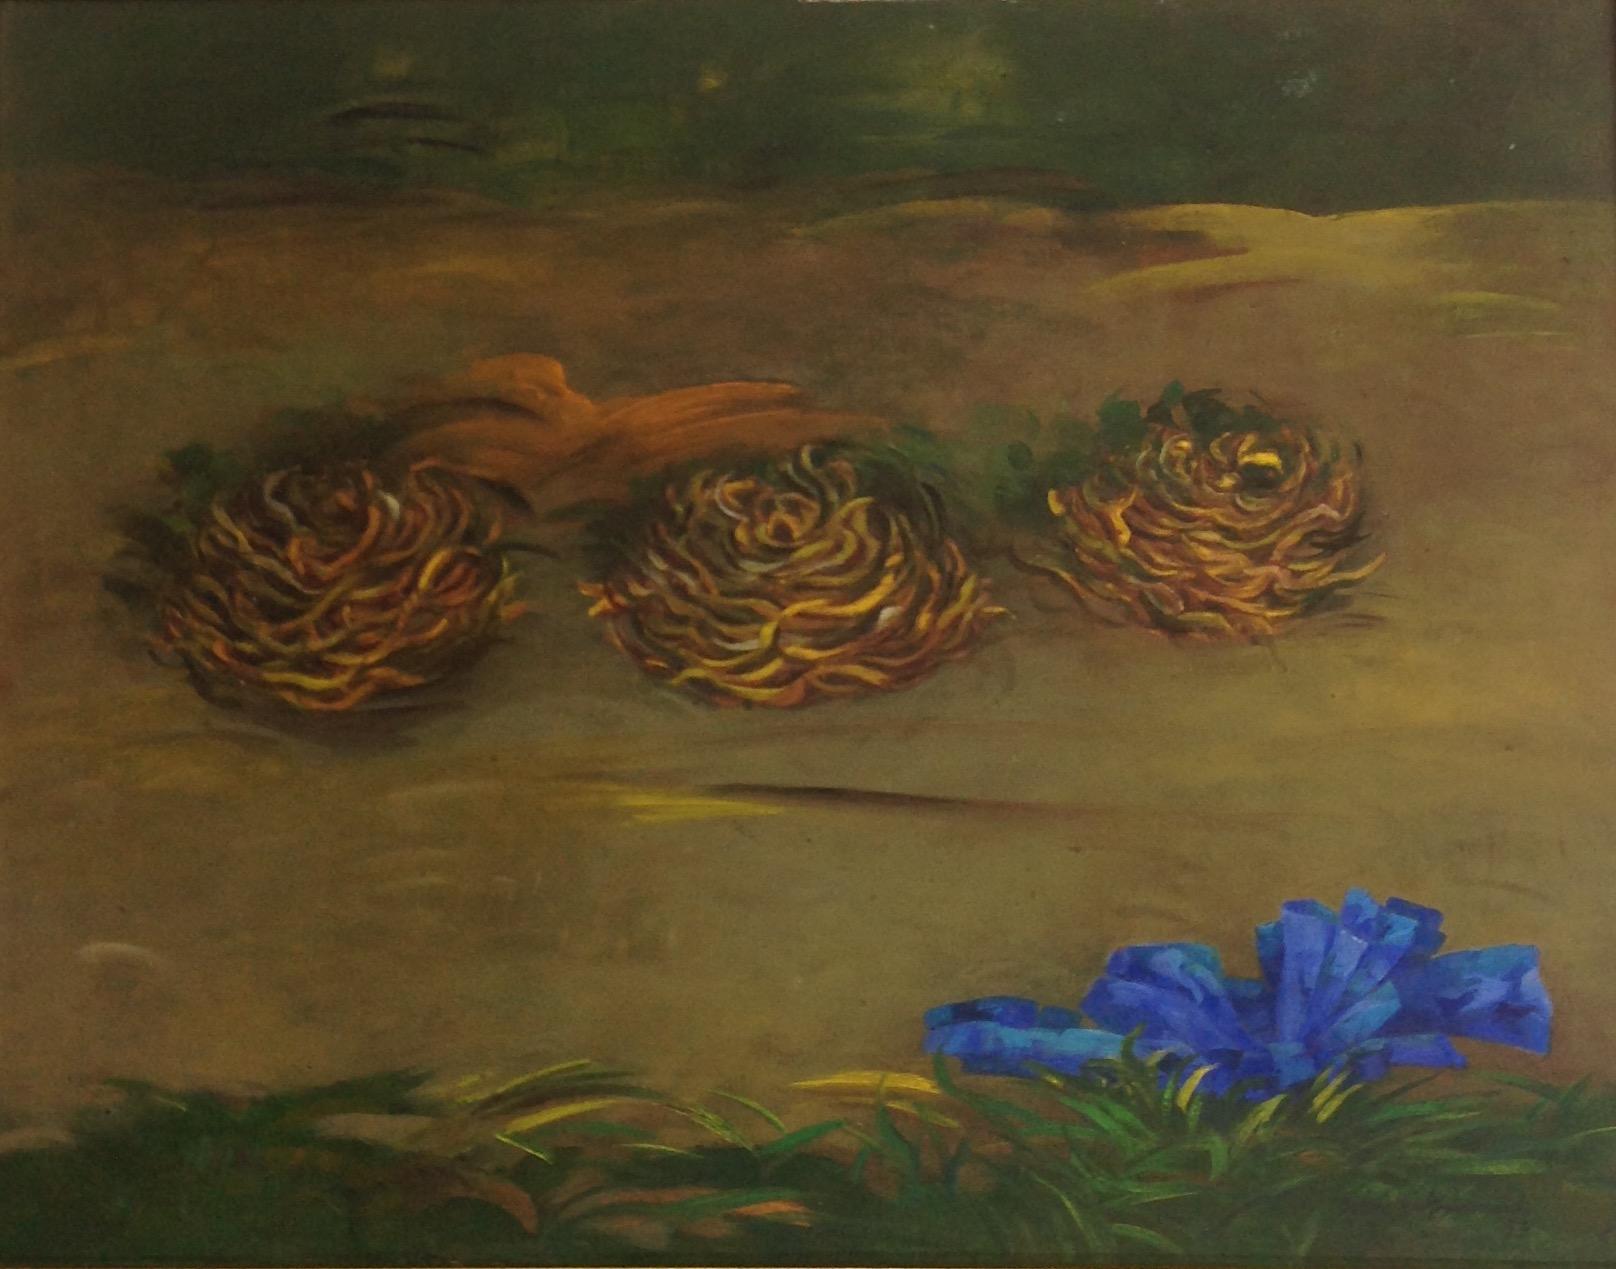 Armand Gesner 22X28 #35-3-96 canvas 1993